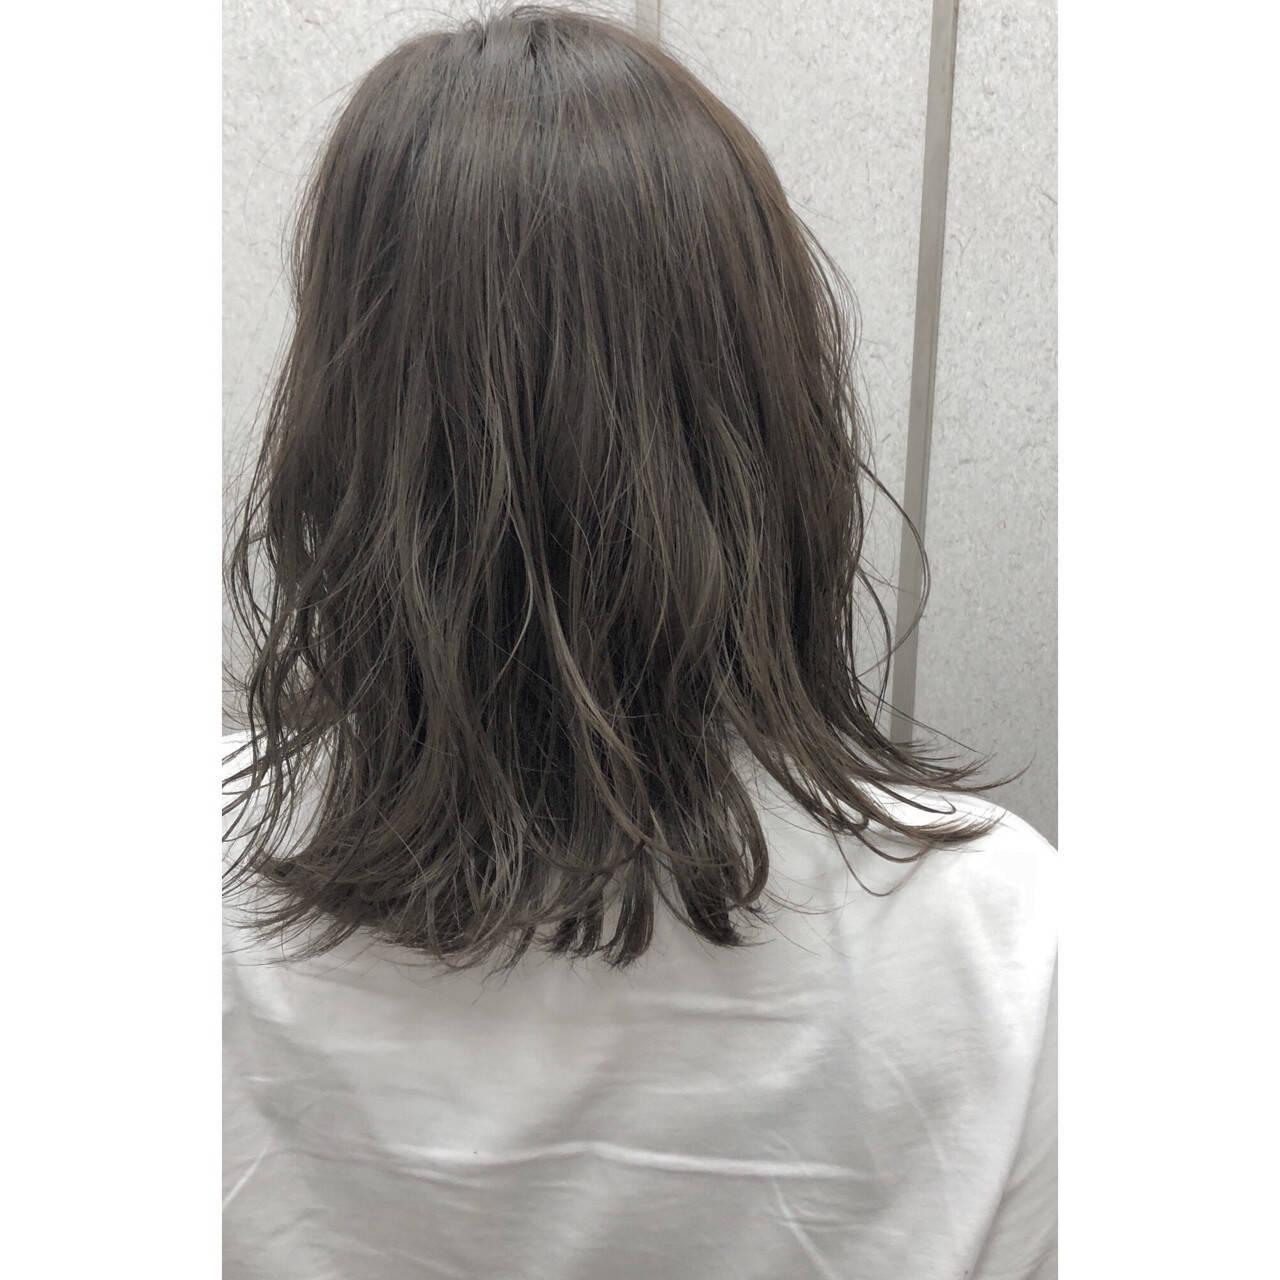 前髪あり ミディアム おフェロ 透明感ヘアスタイルや髪型の写真・画像